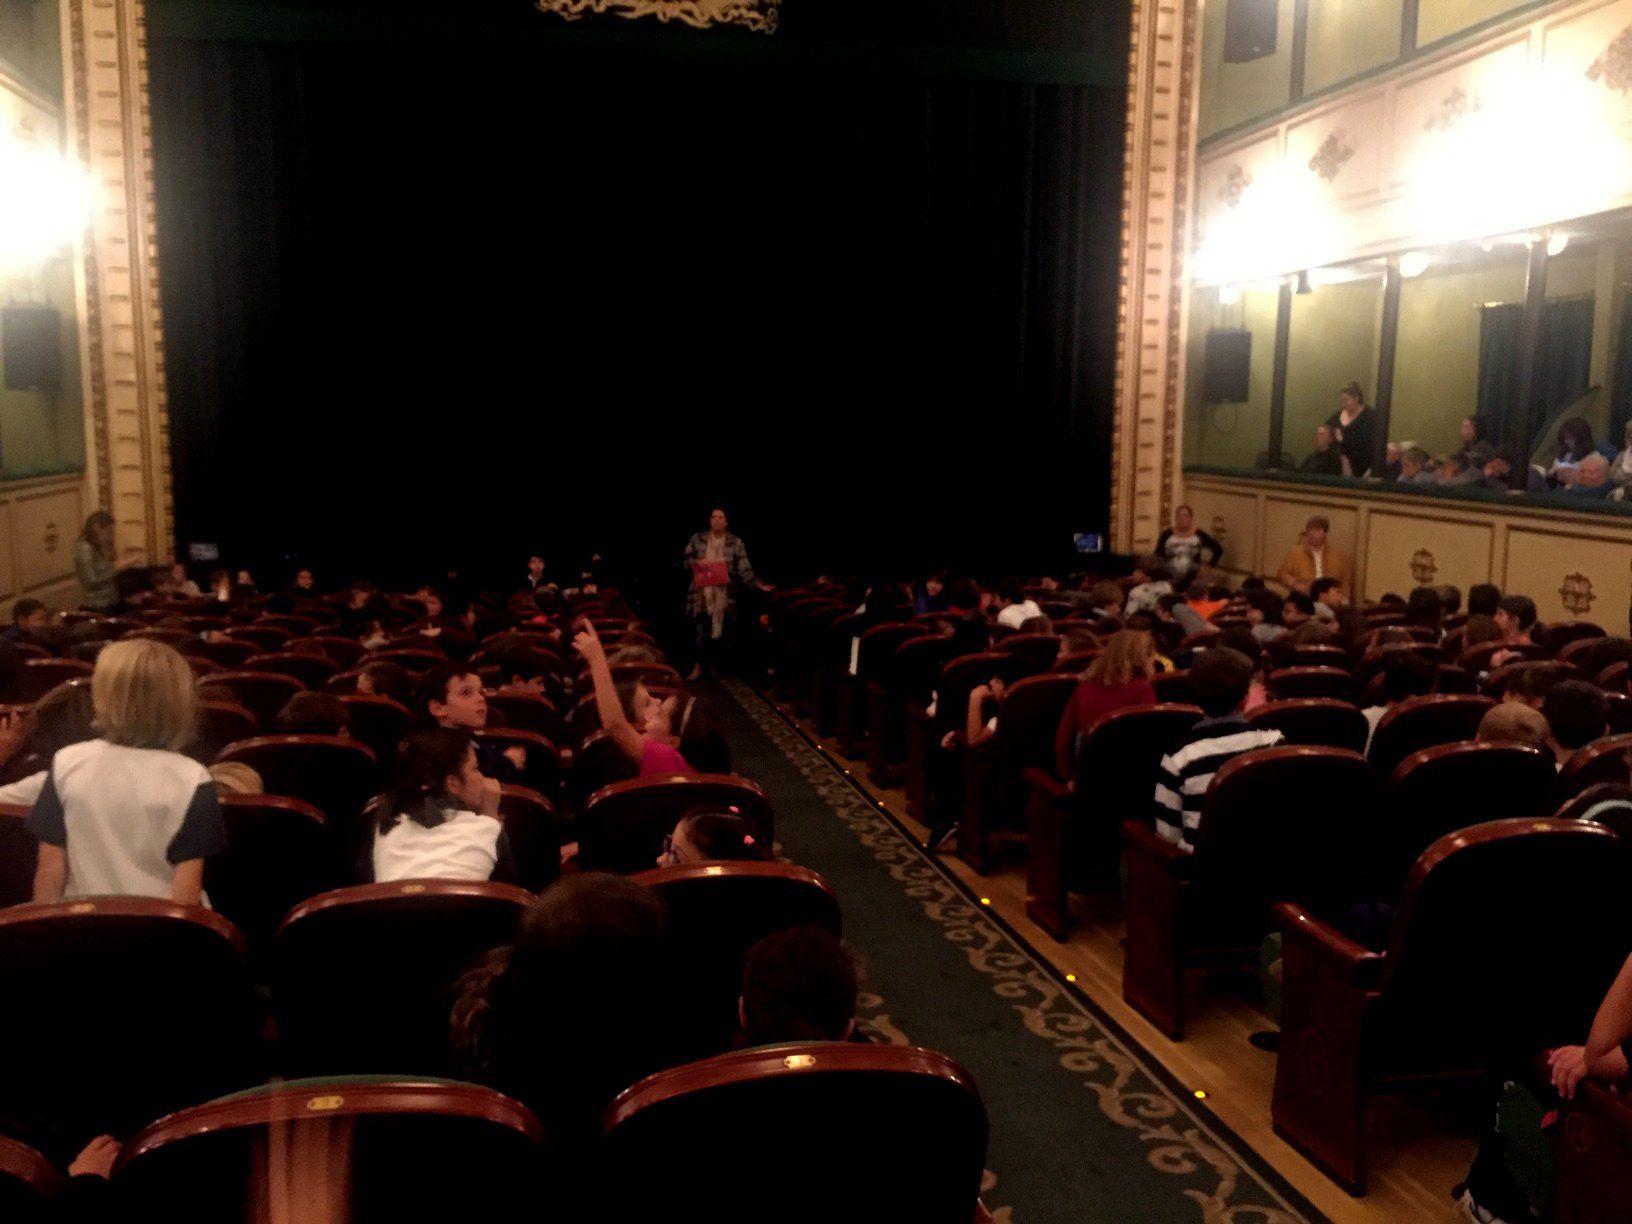 Fotografu00eda teatro ayto